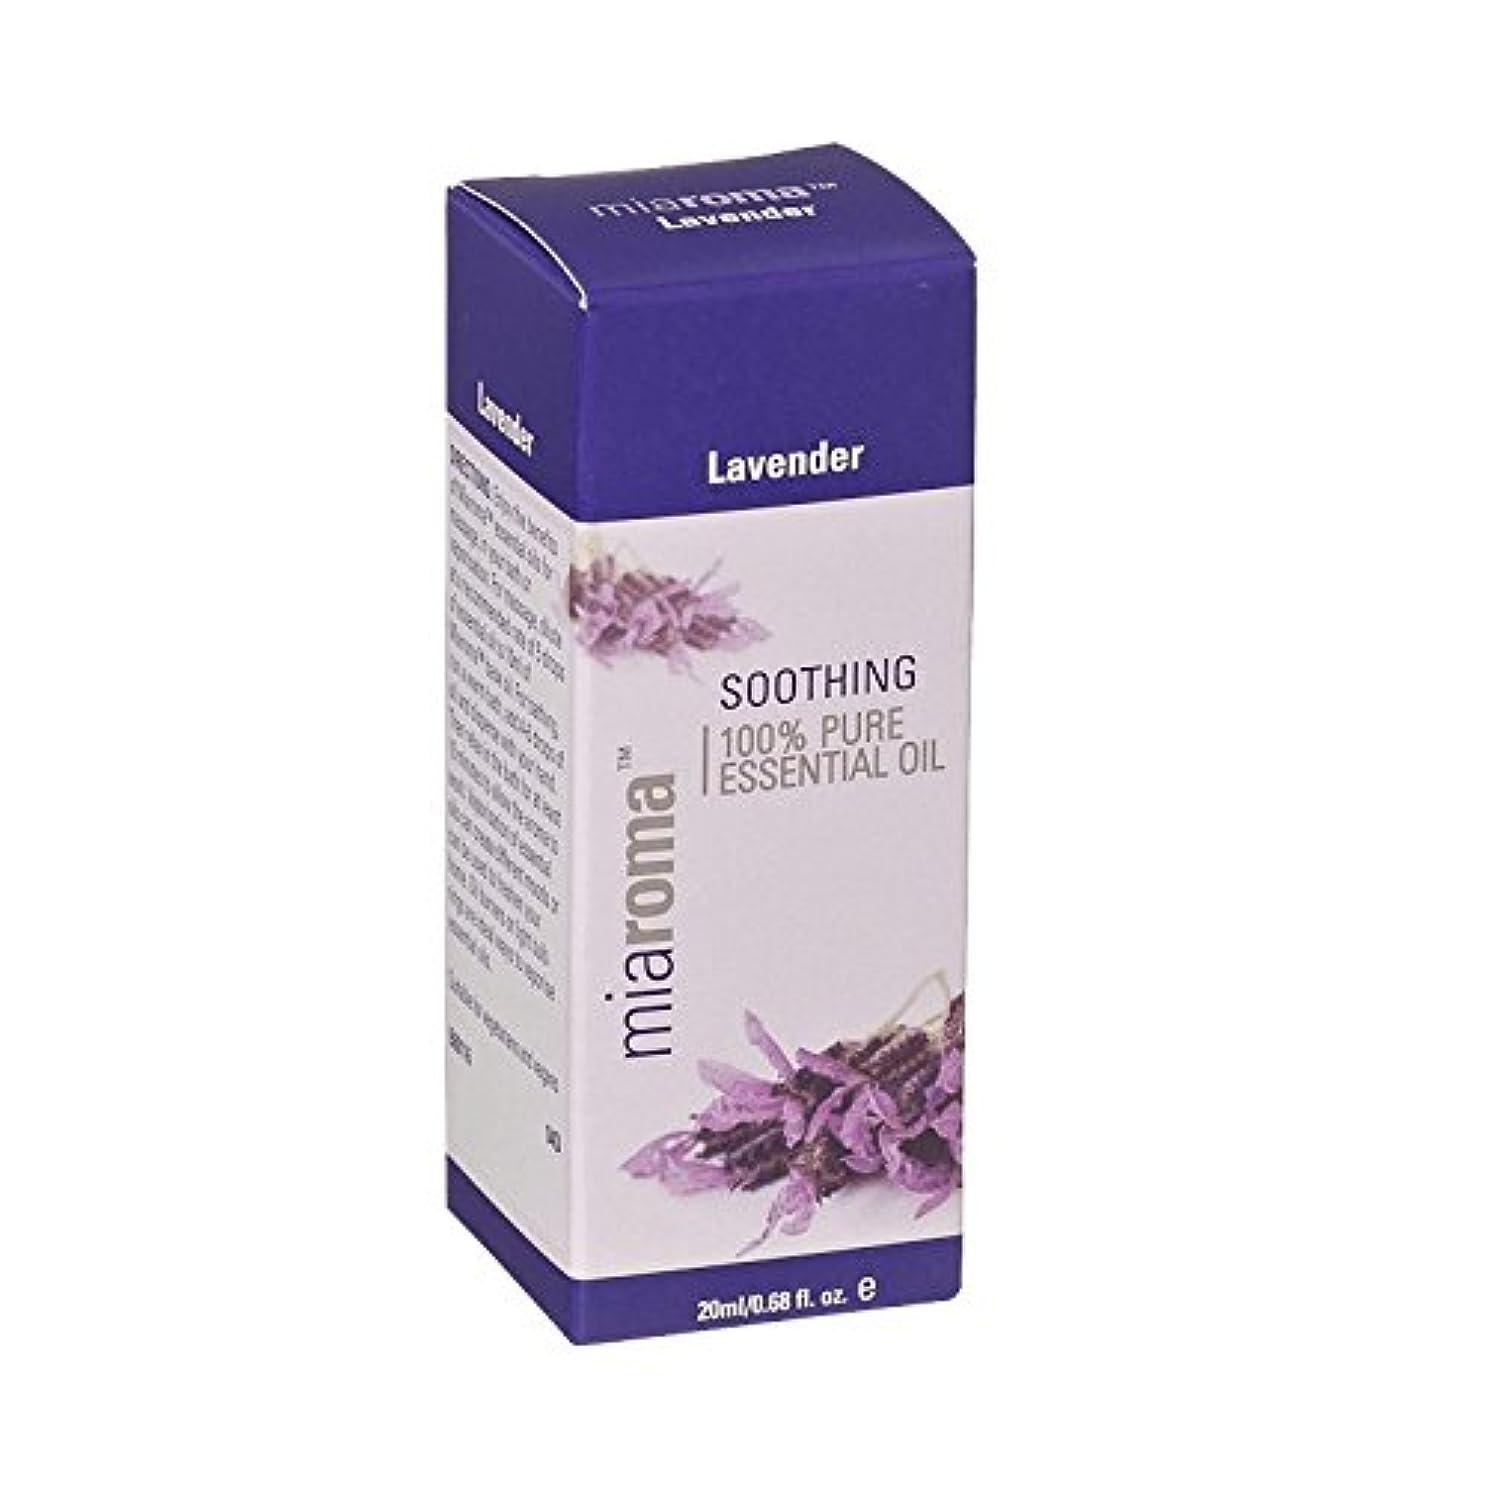 思春期の塊司令官Miaromaのラベンダーの純粋なエッセンシャルオイル - Miaroma Lavender Pure Essential Oil (Miaroma) [並行輸入品]